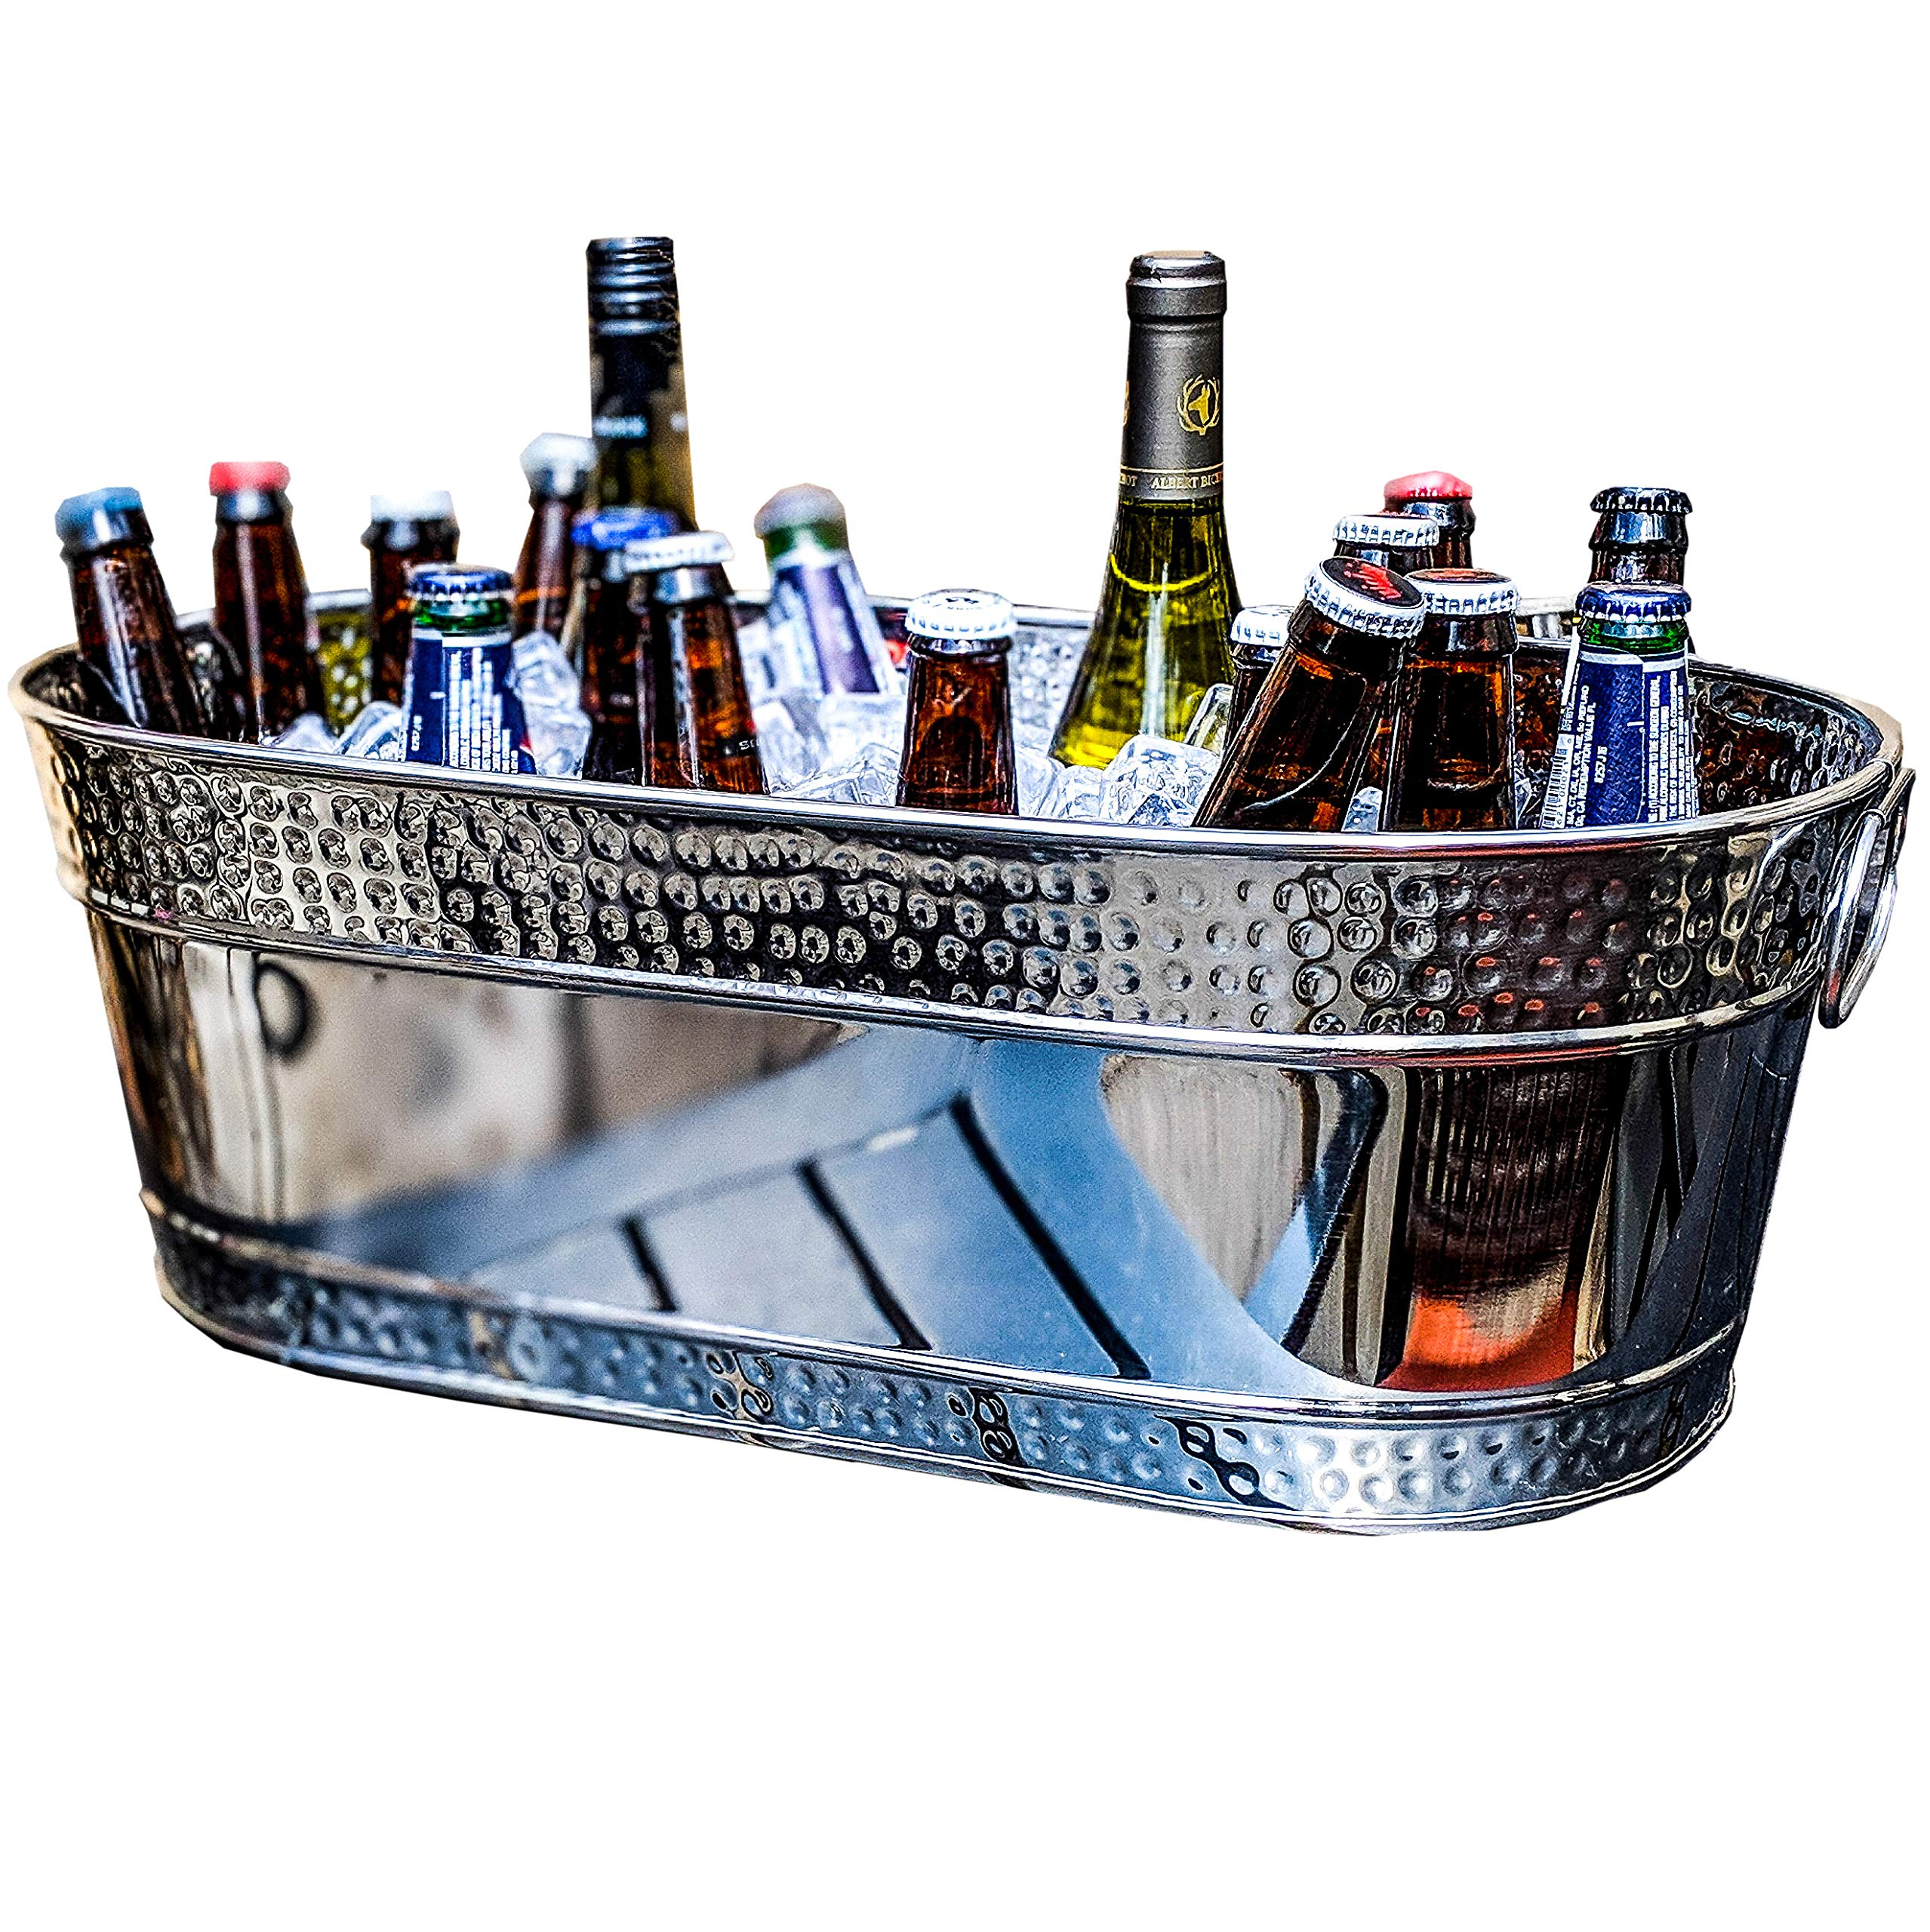 BREKX Colt Hammered Stainless Steel Silver Party Beverage Tub & Wine Bucket- 17 Quarts by BREKX